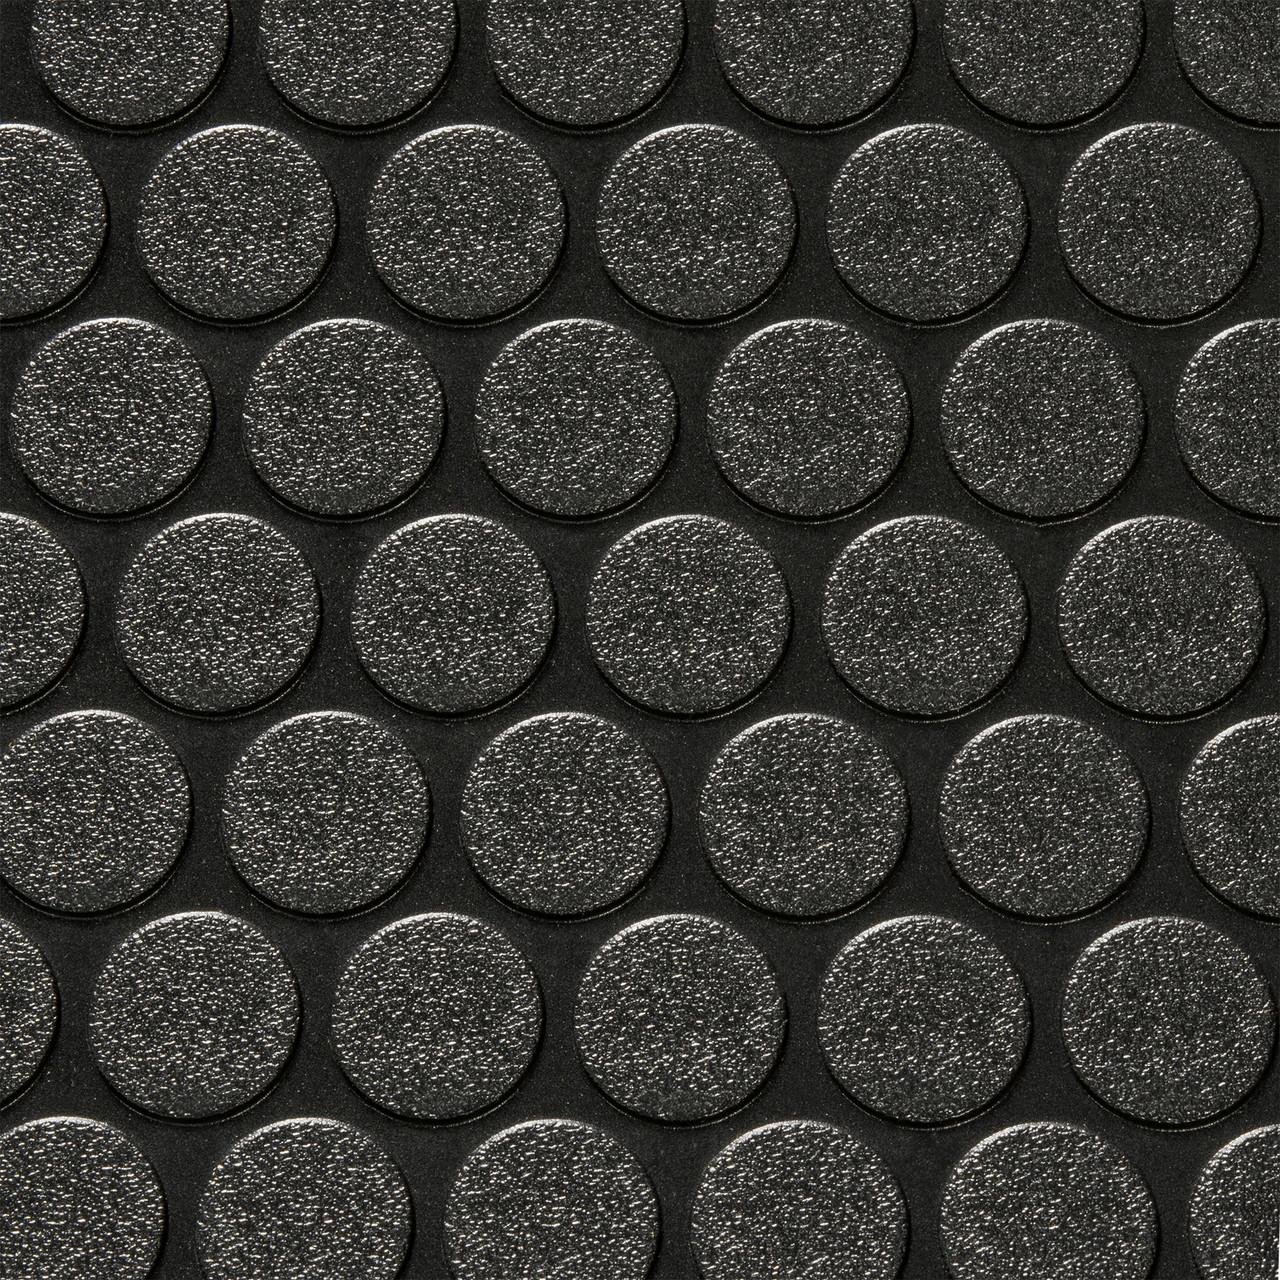 8 2 Quot Nickel Pattern Rv Flooring Black Recpro